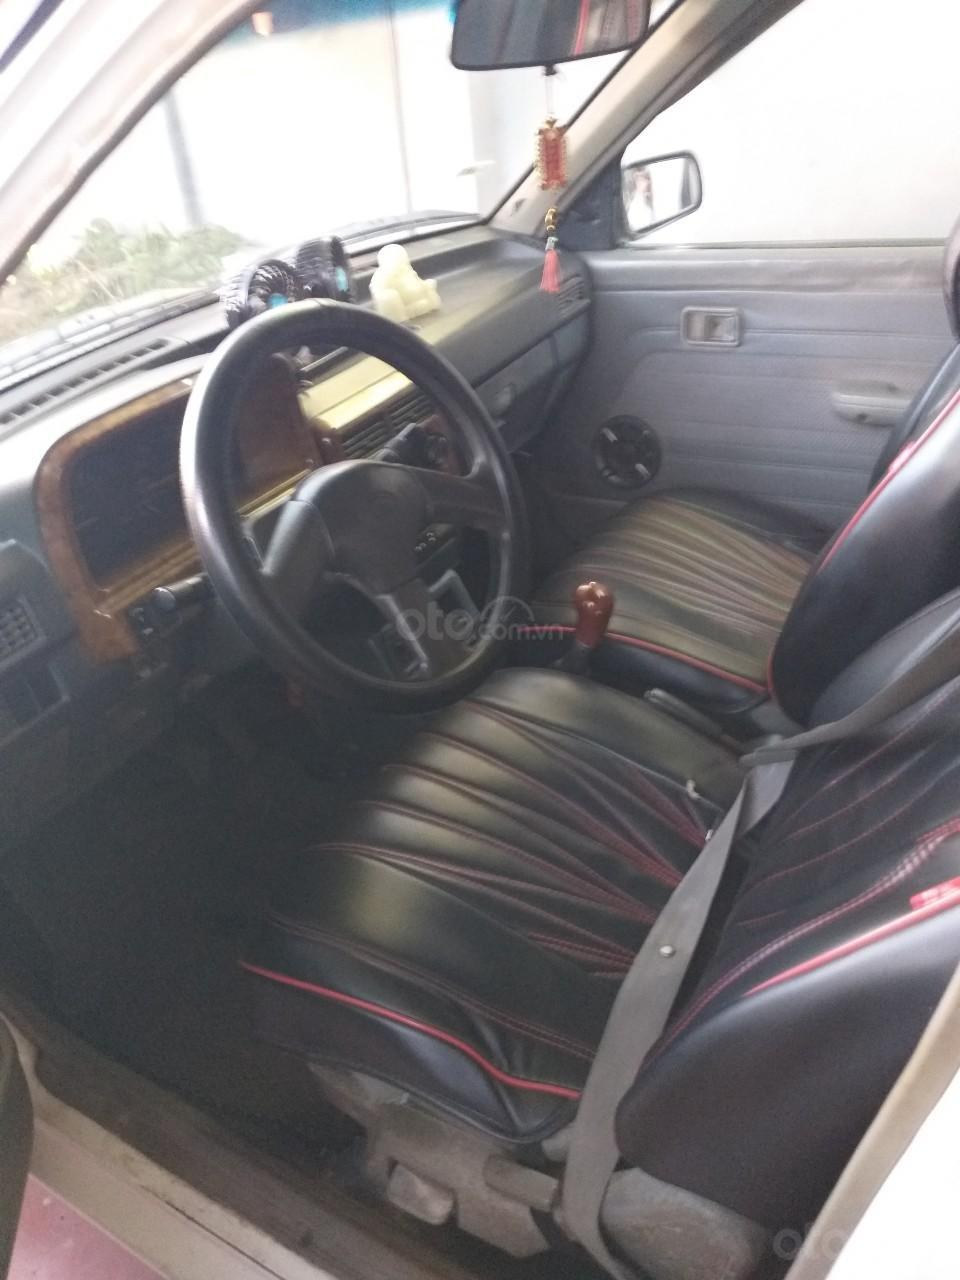 Bán xe Kia Pride đời 2002, xe biển số 43 Đà Nẵng chính chủ, chất lượng xe còn rất tốt (3)